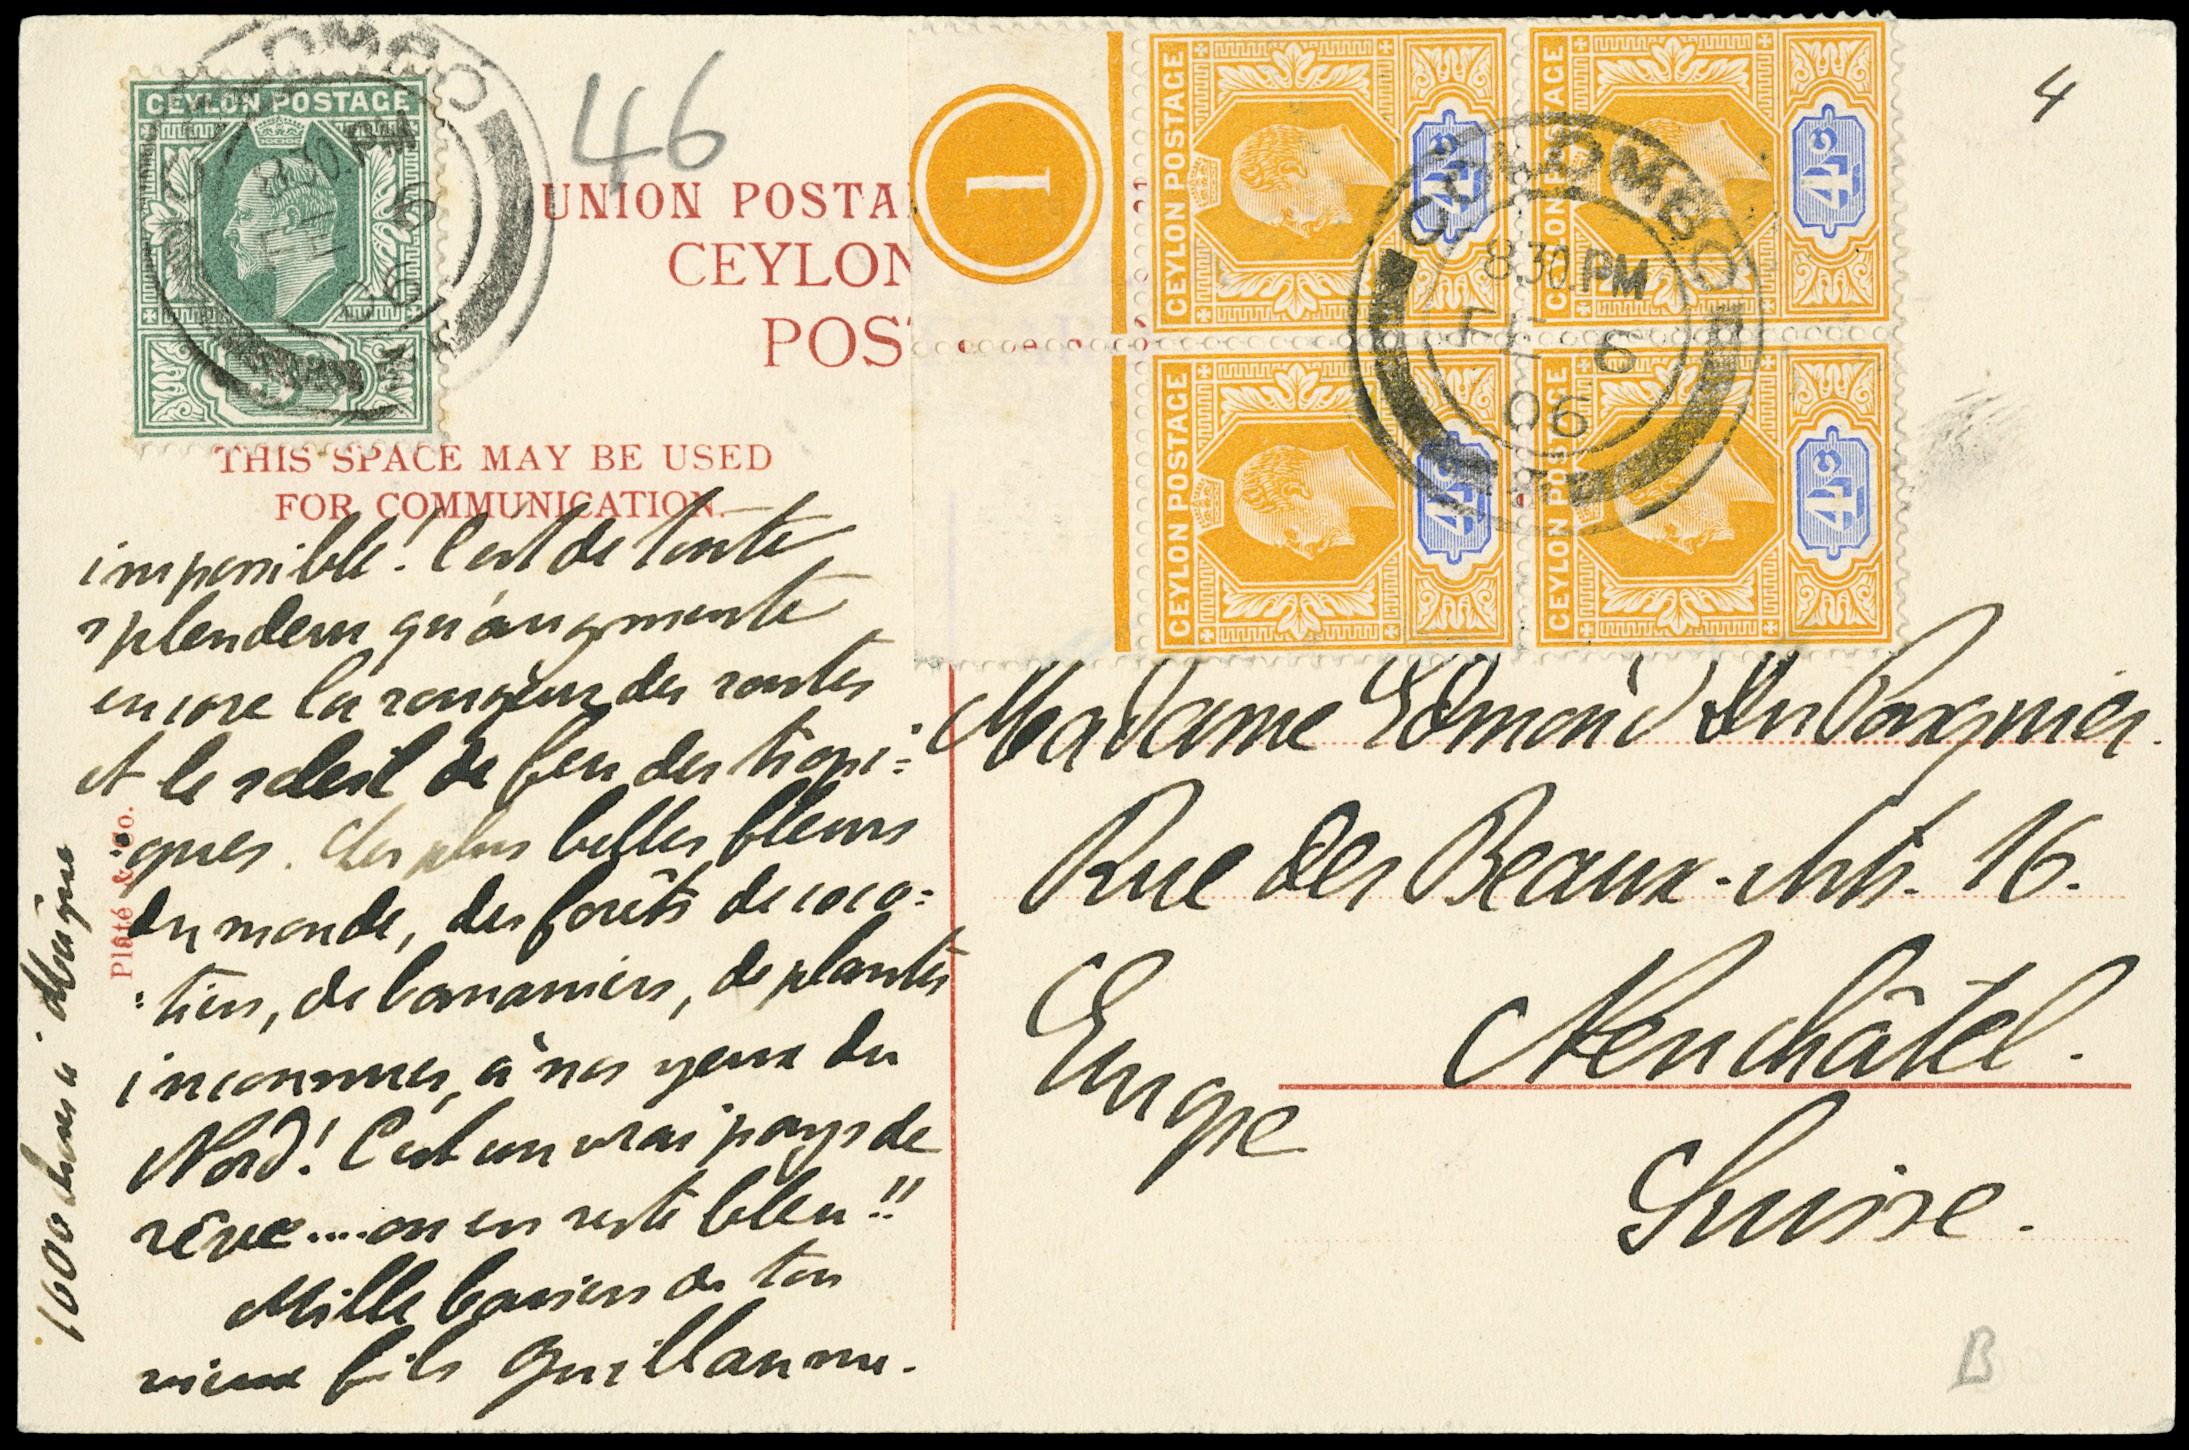 Lot 3030 - Ceylon posta ordinaria -  Zanaria Aste s.r.l. 9th Philatelic Auction